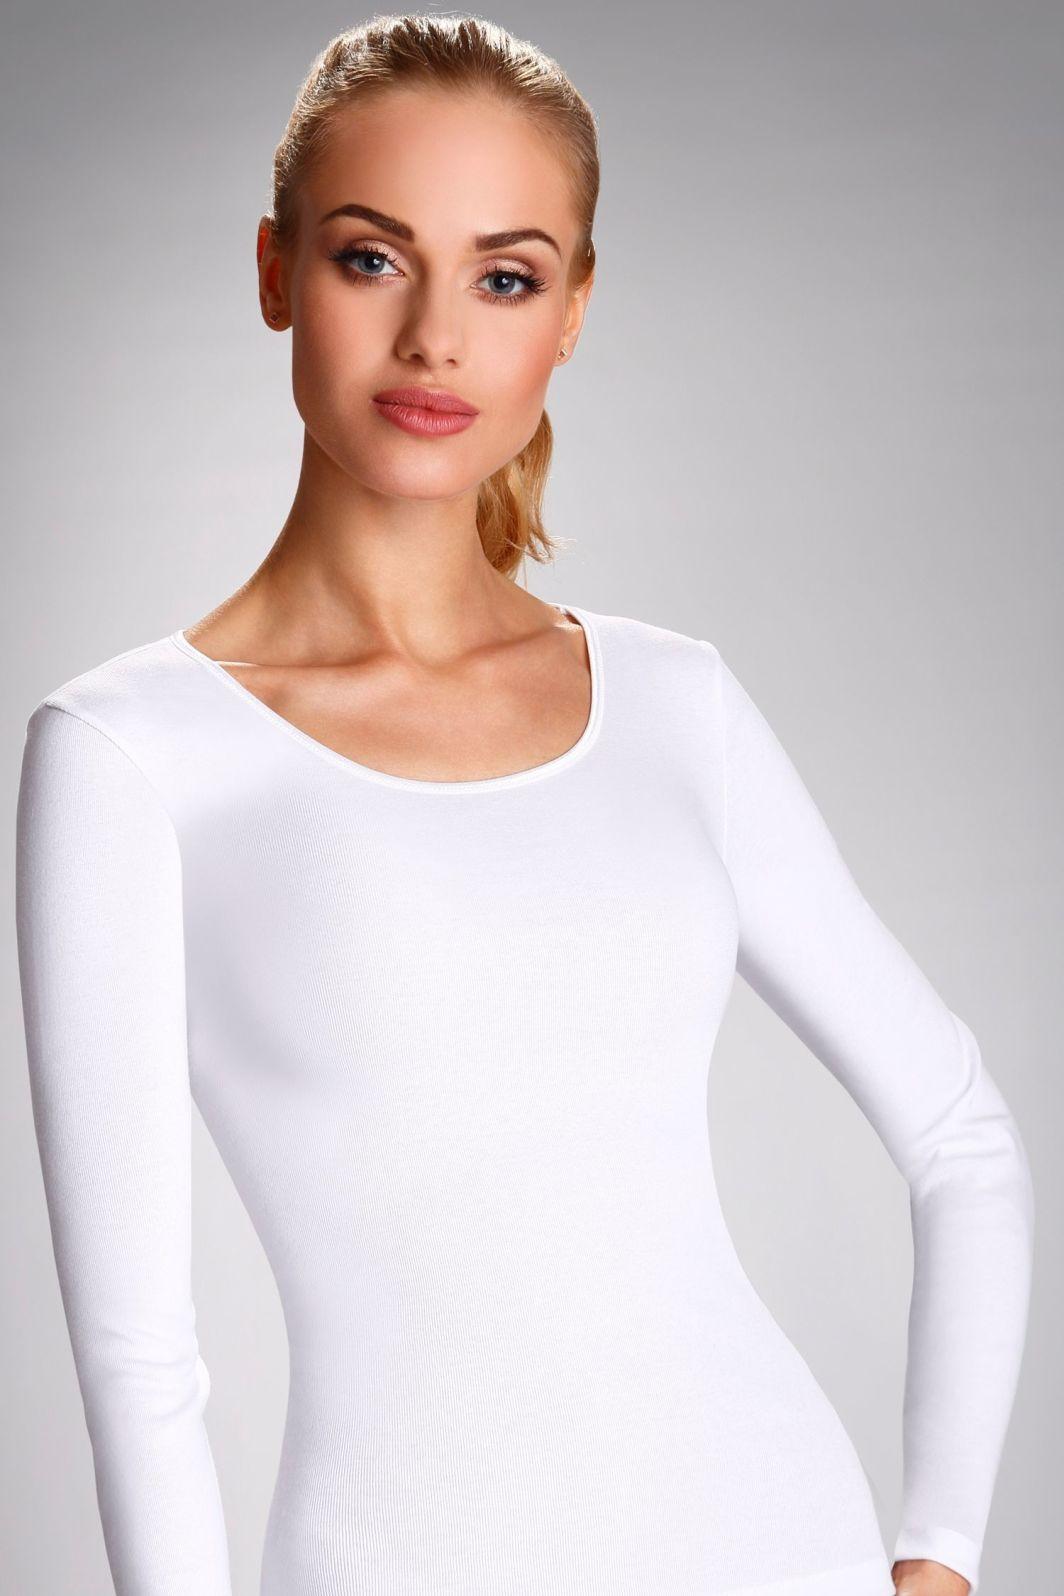 Eldar Koszulka irene biała r. L 1